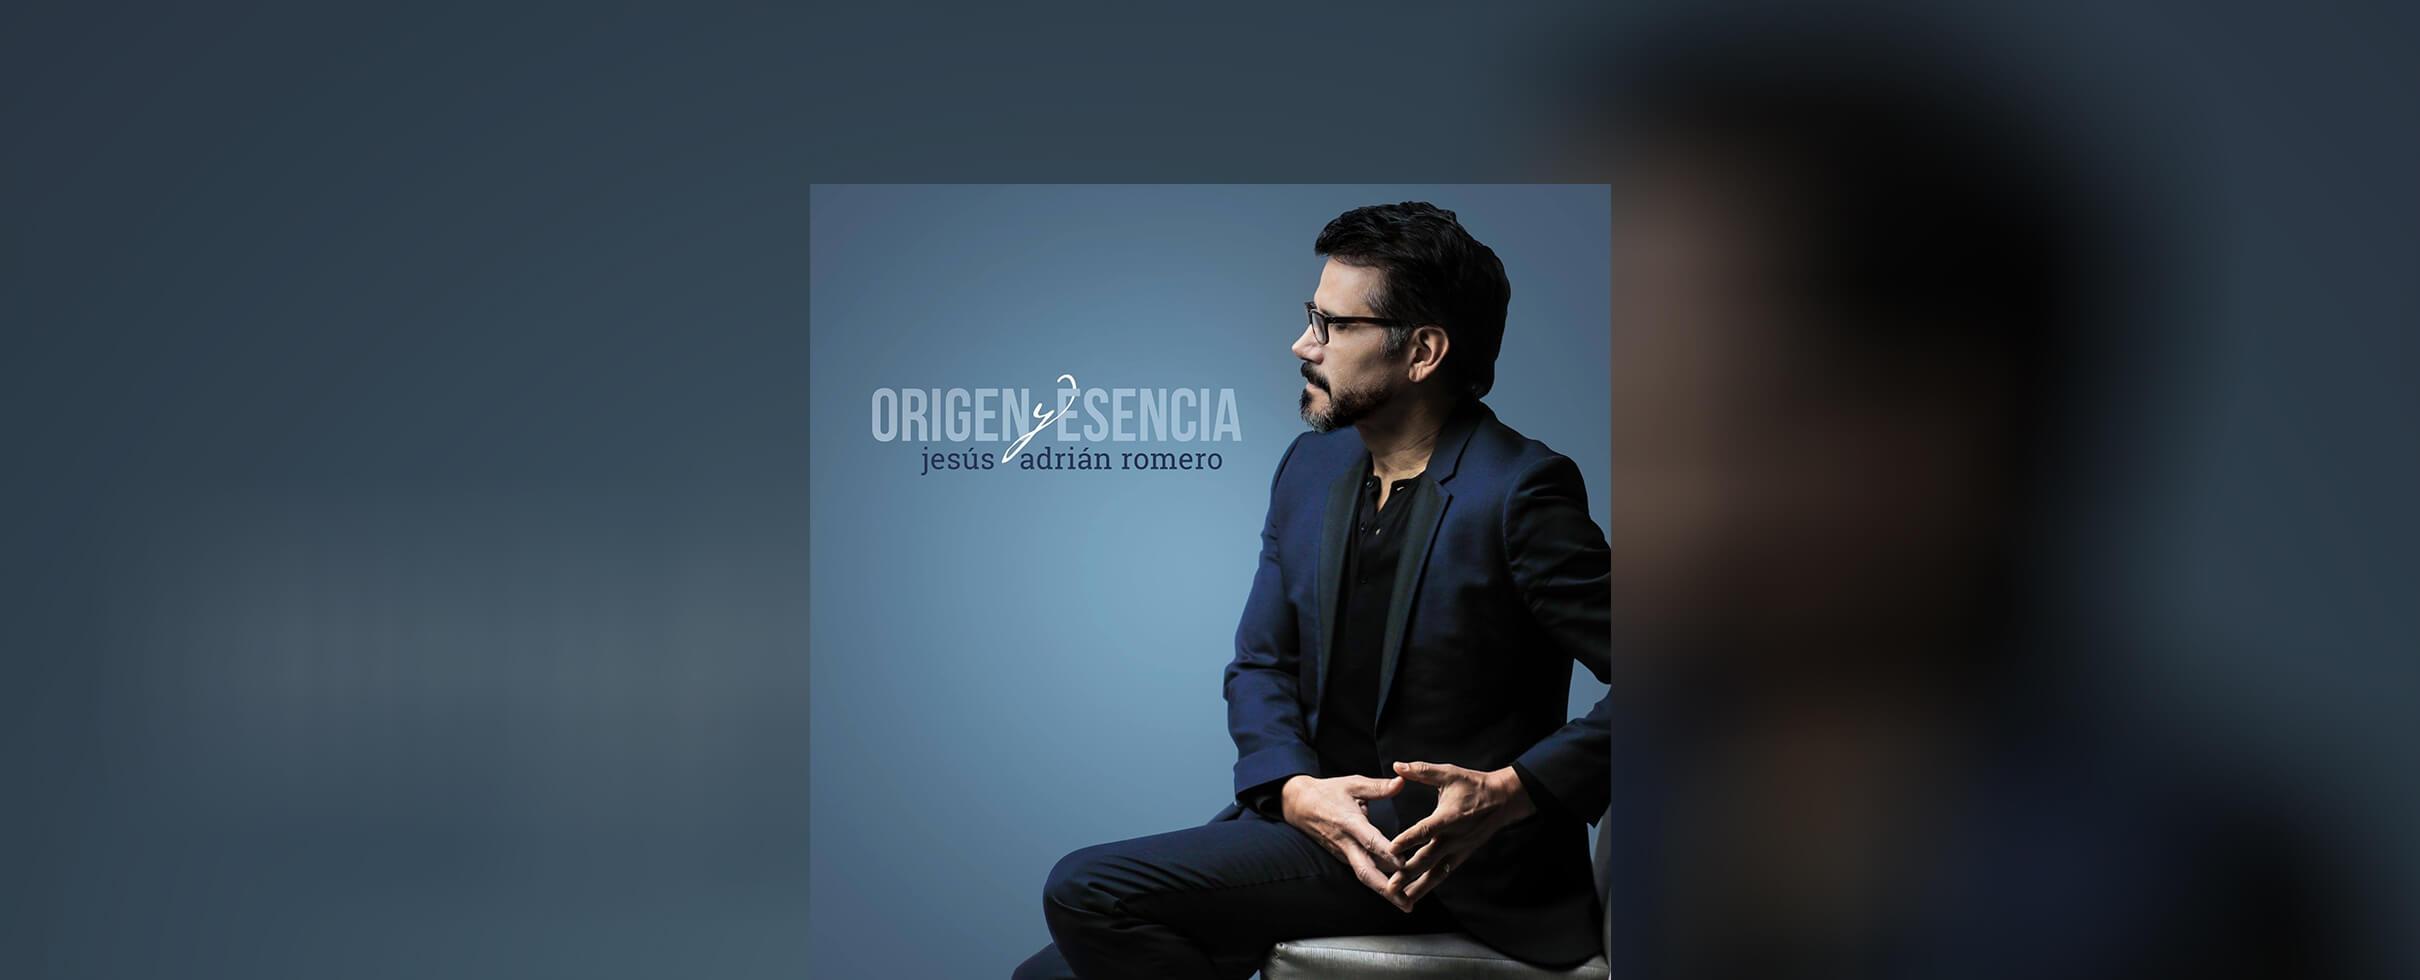 Origen y Esencia de Jesús Adrián Romero